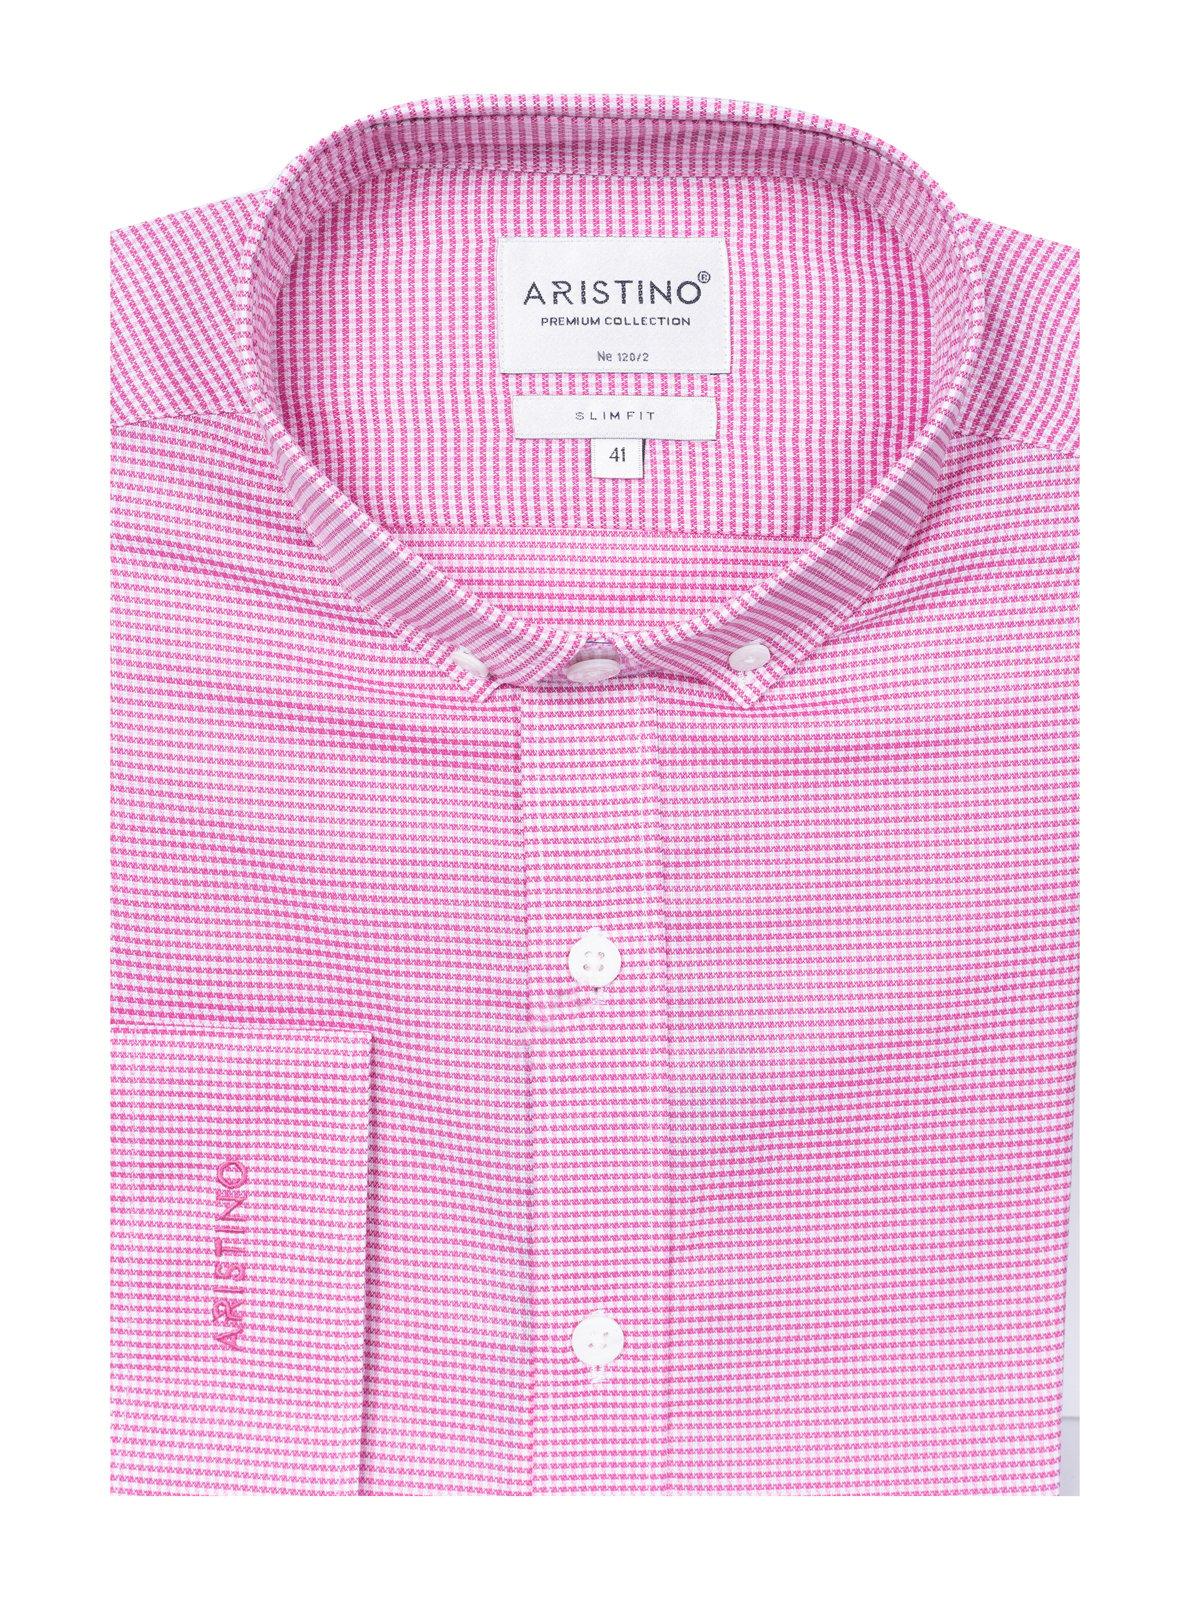 Áo sơ mi nam sọc hồng trắng Aristino ALS17-CO29 - ALS17CO29-01/01,498_1011893478,1250000,aristino.com,Ao-so-mi-nam-soc-hong-trang-Aristino-ALS17-CO29-498_1011893478,Áo sơ mi nam sọc hồng trắng Aristino ALS17-CO29